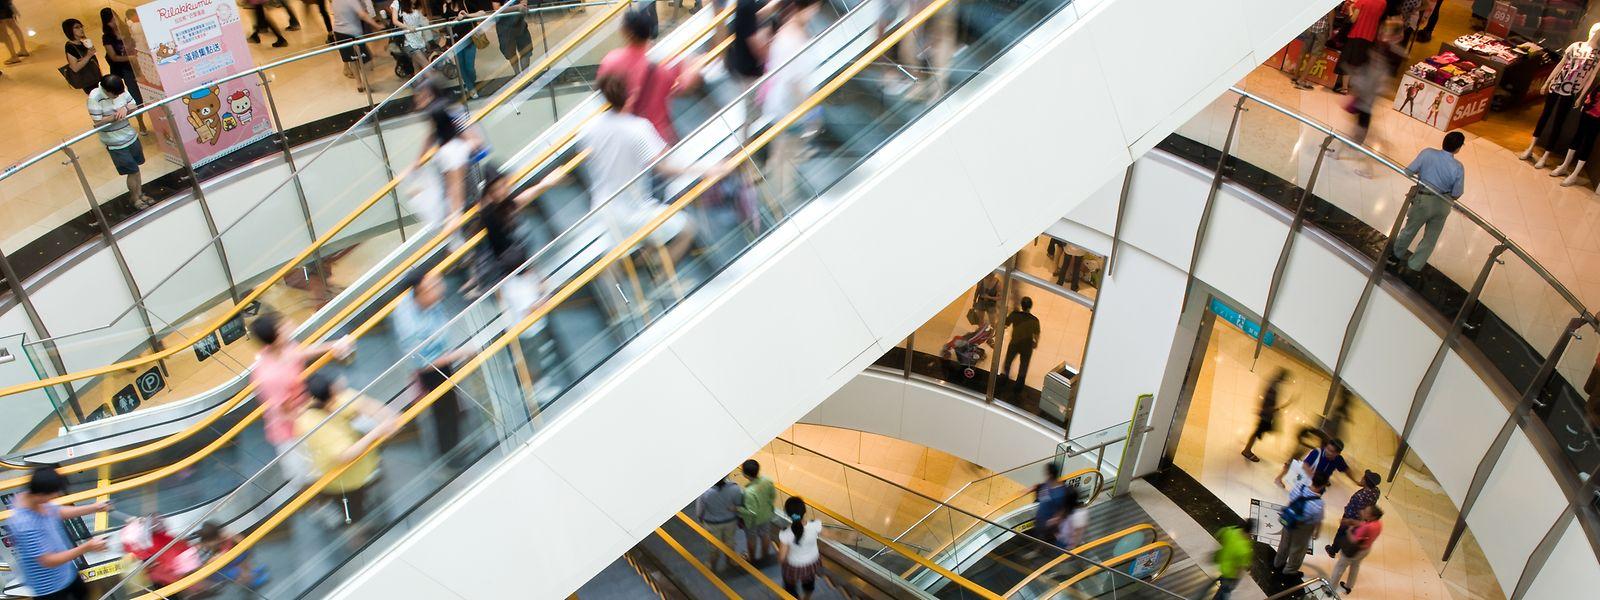 Vor allem bei den Verantwortlichen diverser Einkaufszentren sorgt das Pochen des Ministeriums auf das Einhalten der sonntäglichen Arbeitszeitbegrenzung ab dem 21. Februar für Unmut.